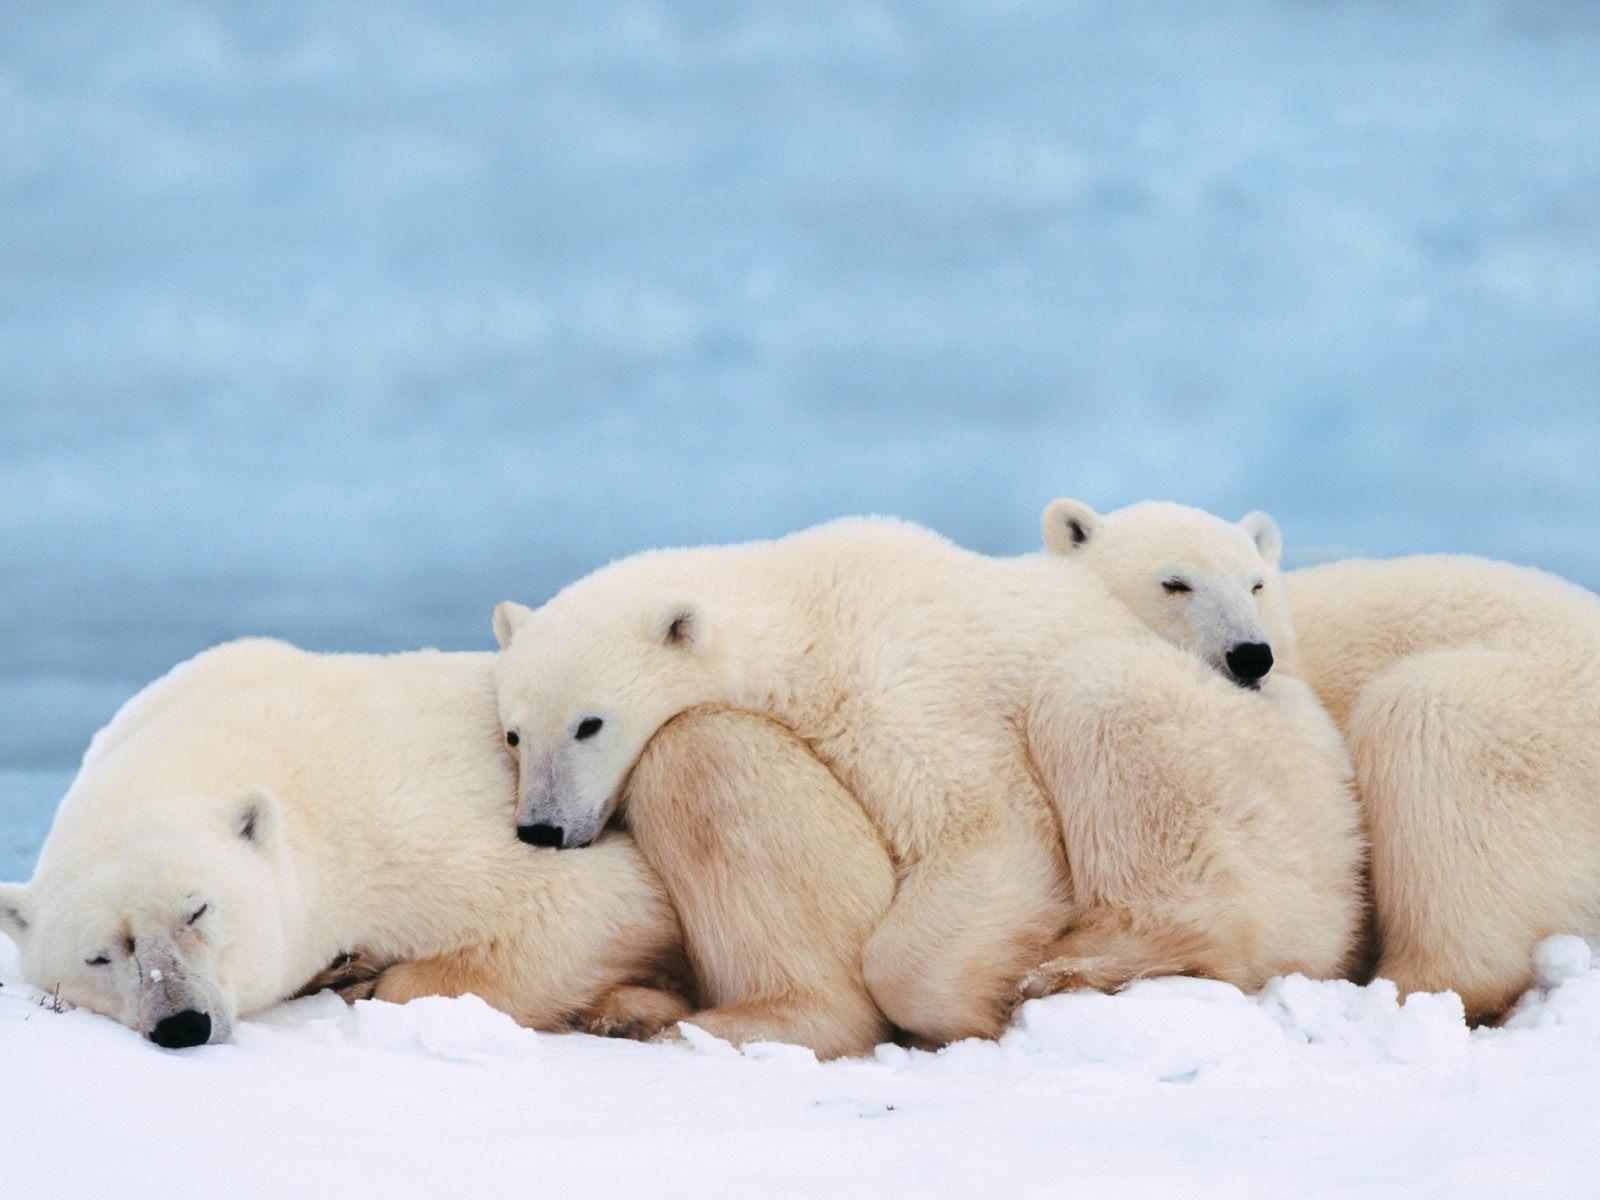 Swimming polar bears wallpaper bears animals wallpapers in jpg slumber party wallpaper bears animals voltagebd Gallery